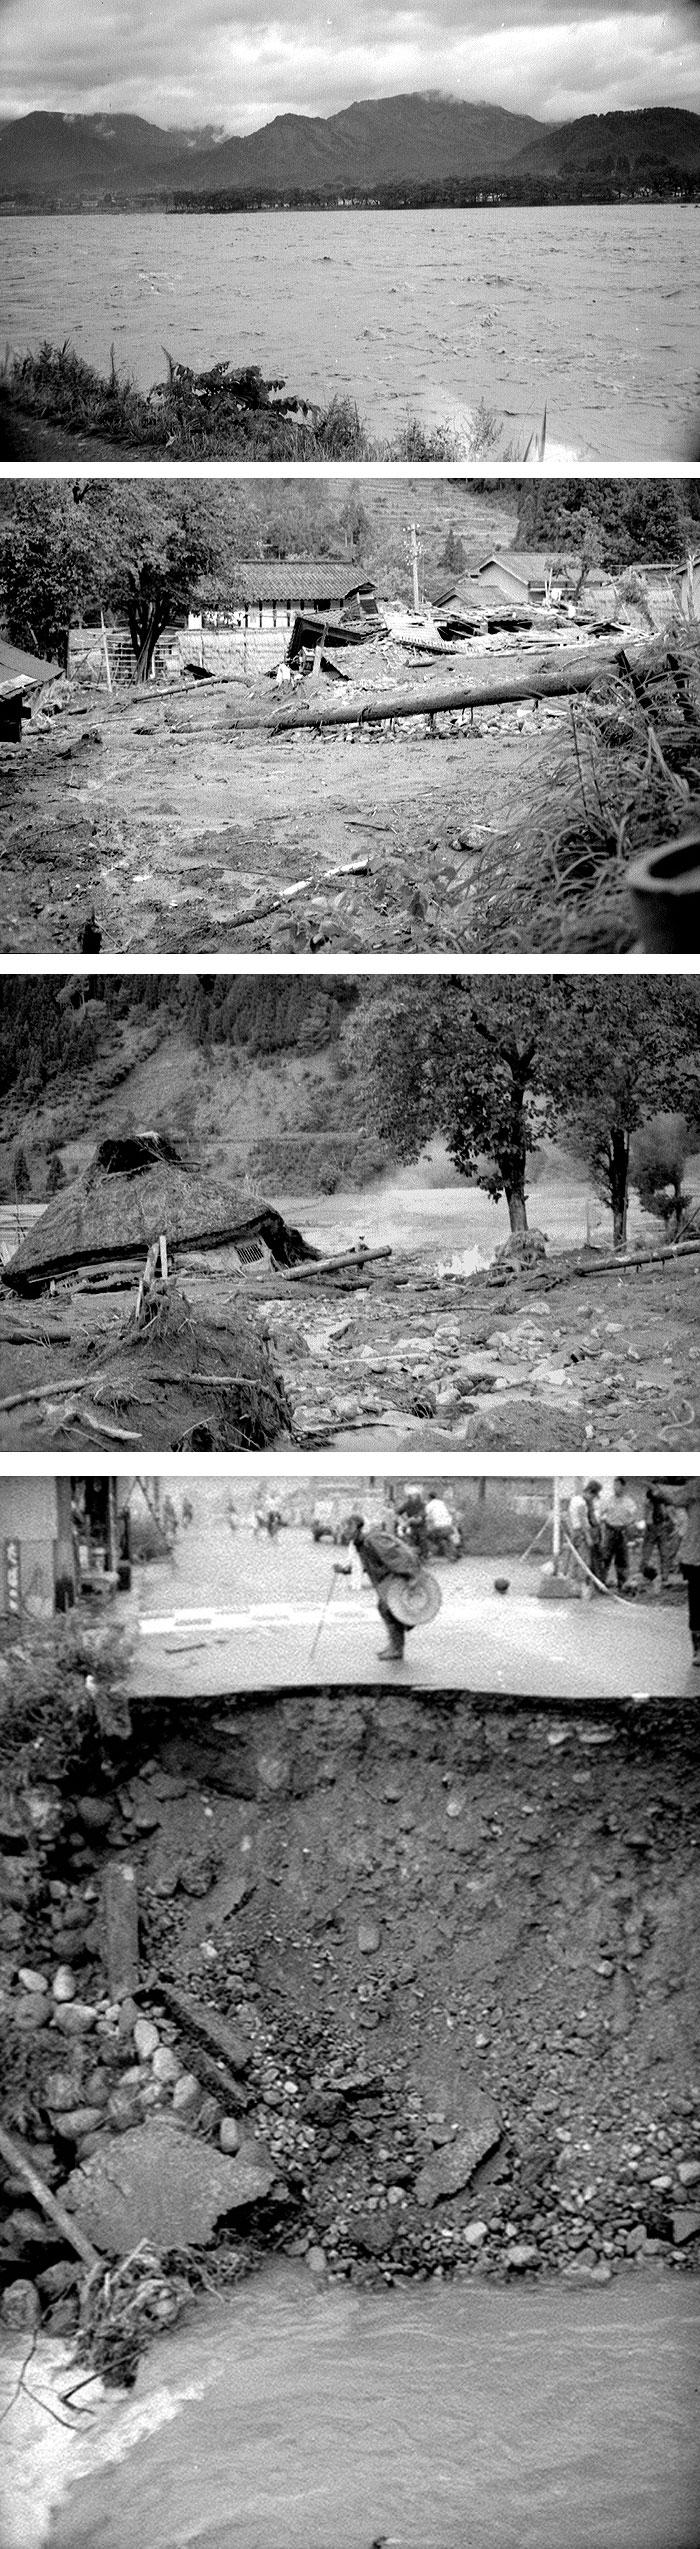 度々、大洪水が勝山を襲い、甚大な被害をもたらした。